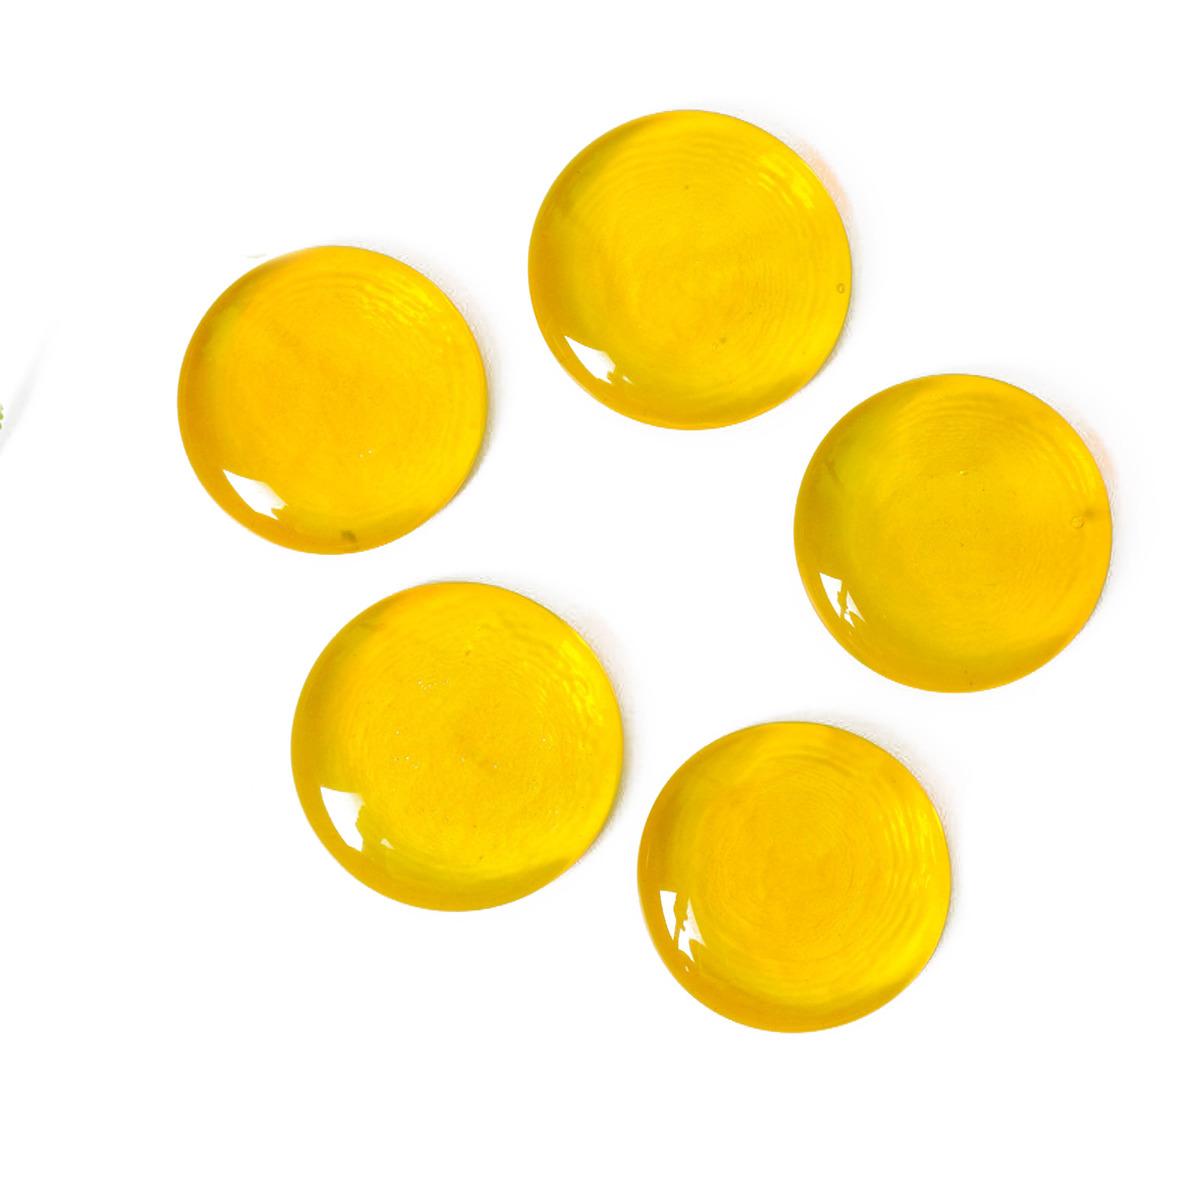 Декоративный наполнитель Evis Эльвинги, мелкие, 4048628, желтый, 20 шт стоимость